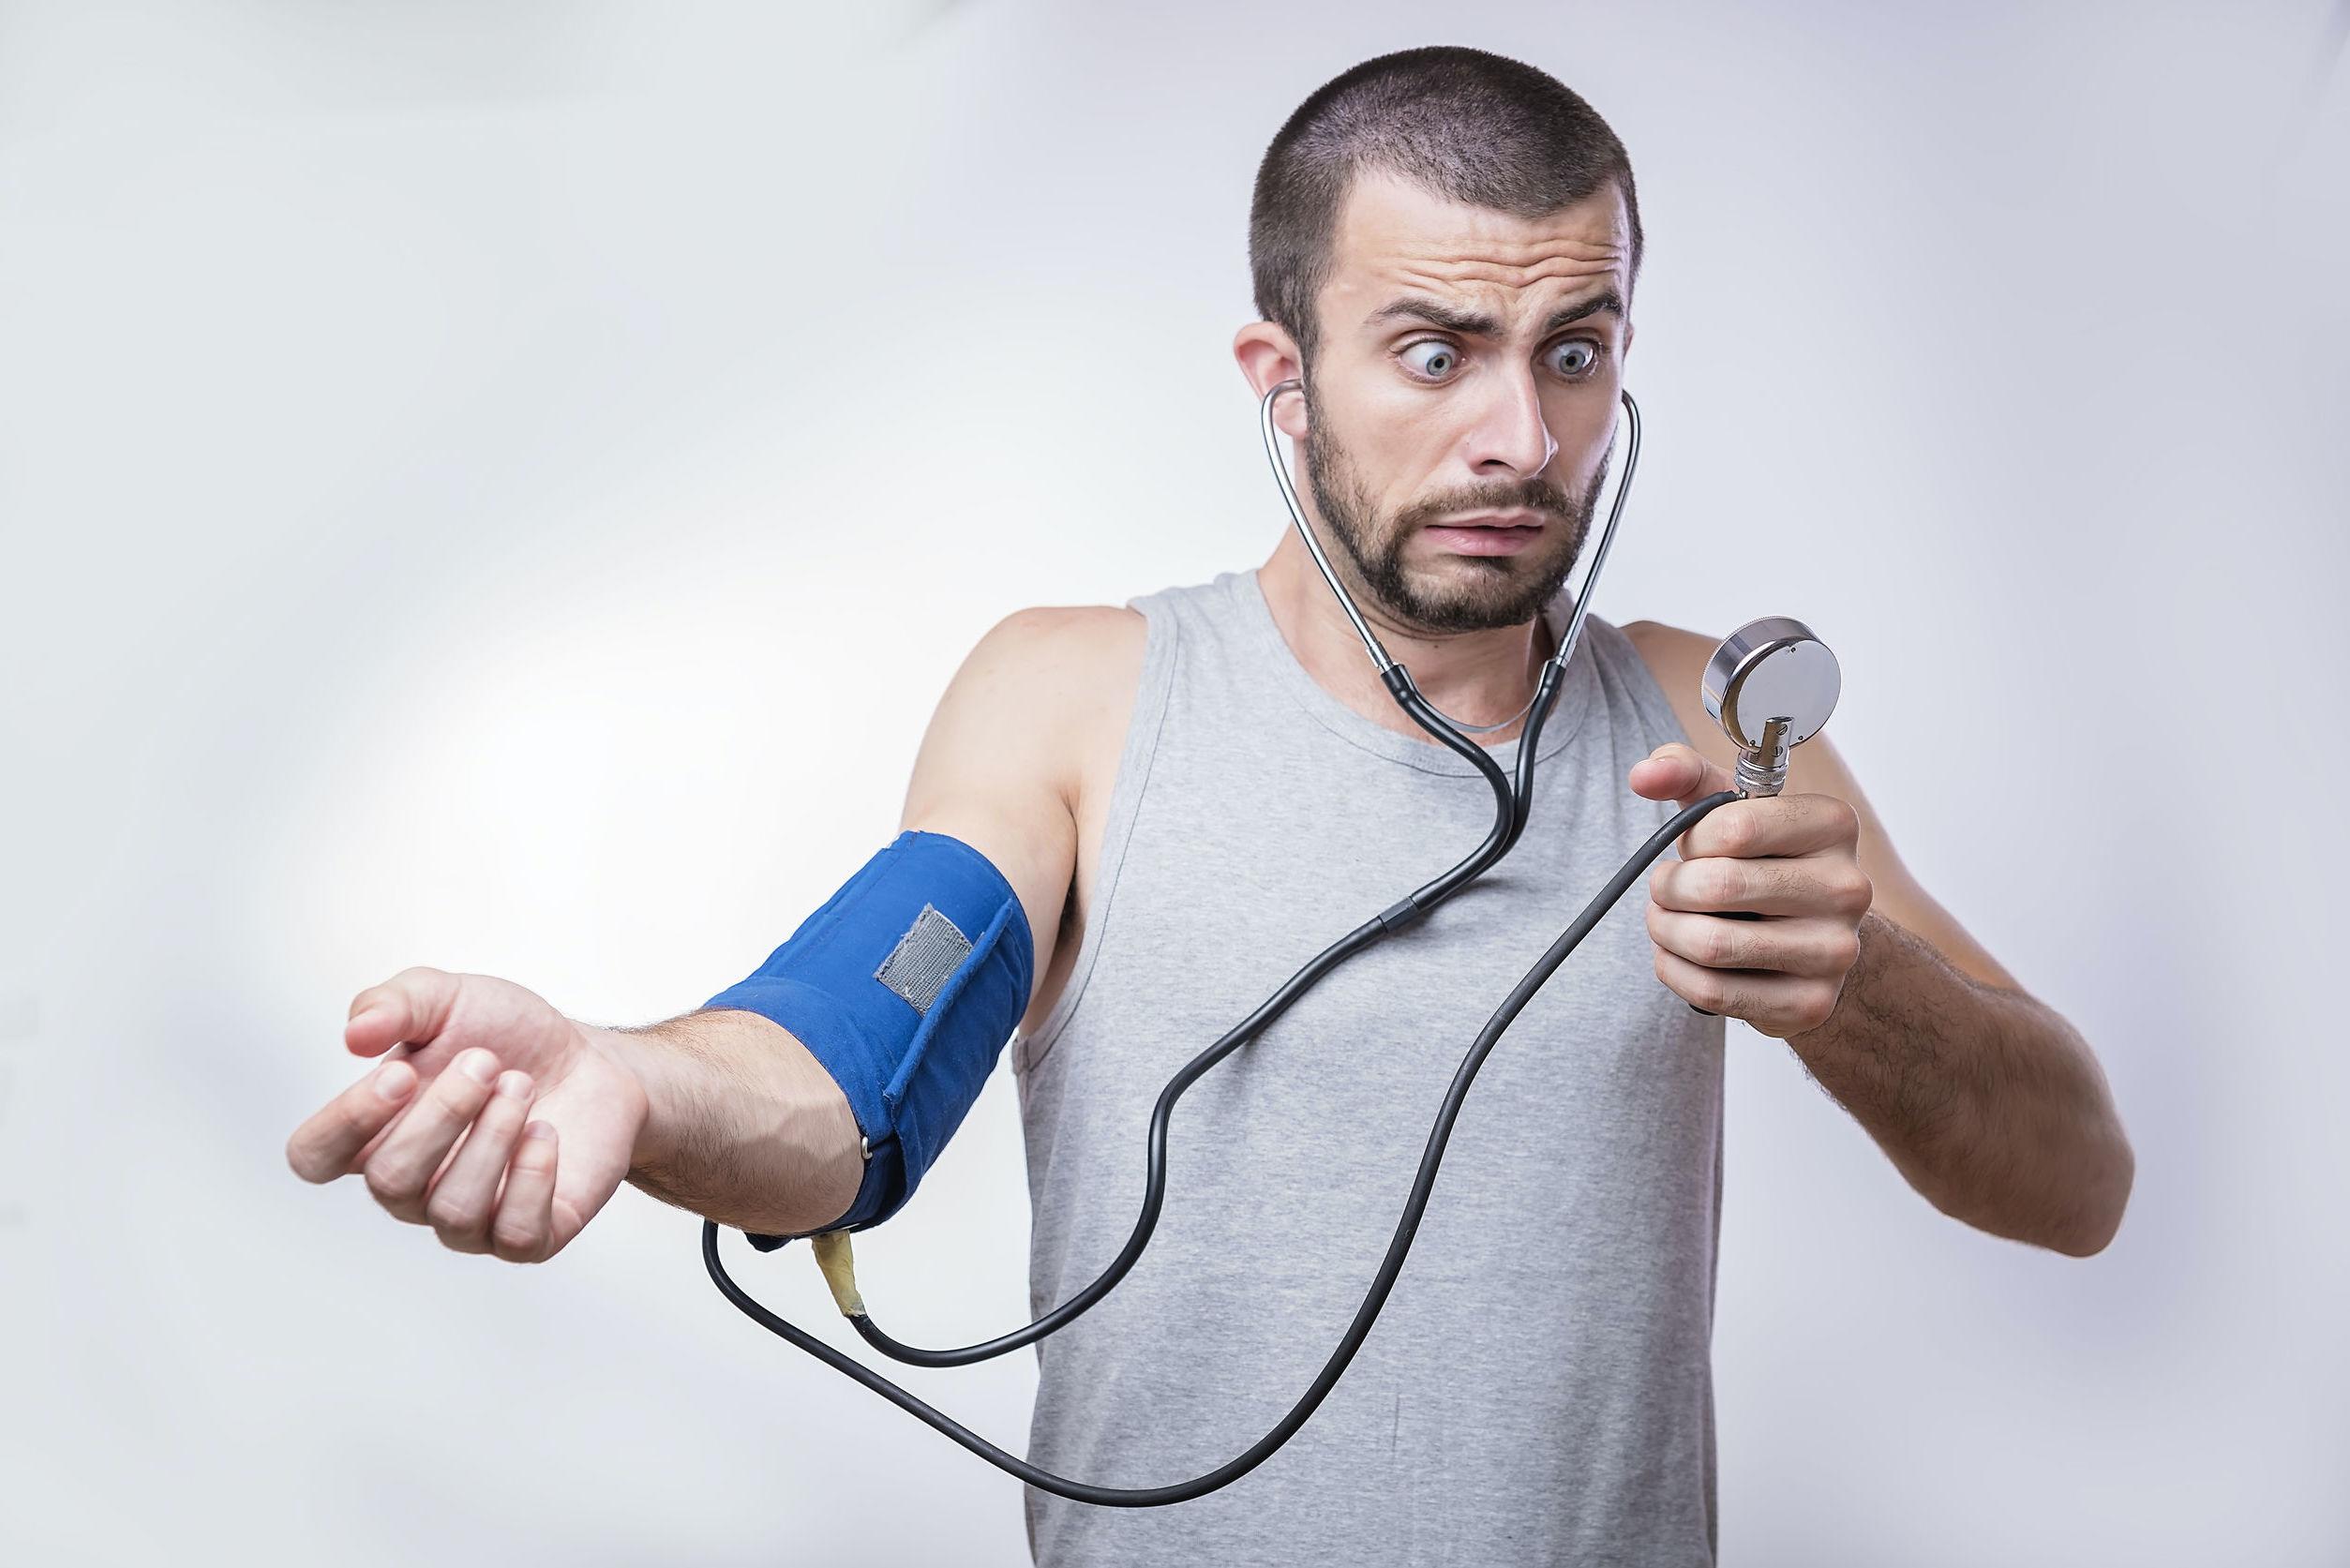 lehetséges-e sokáig élni magas vérnyomás esetén